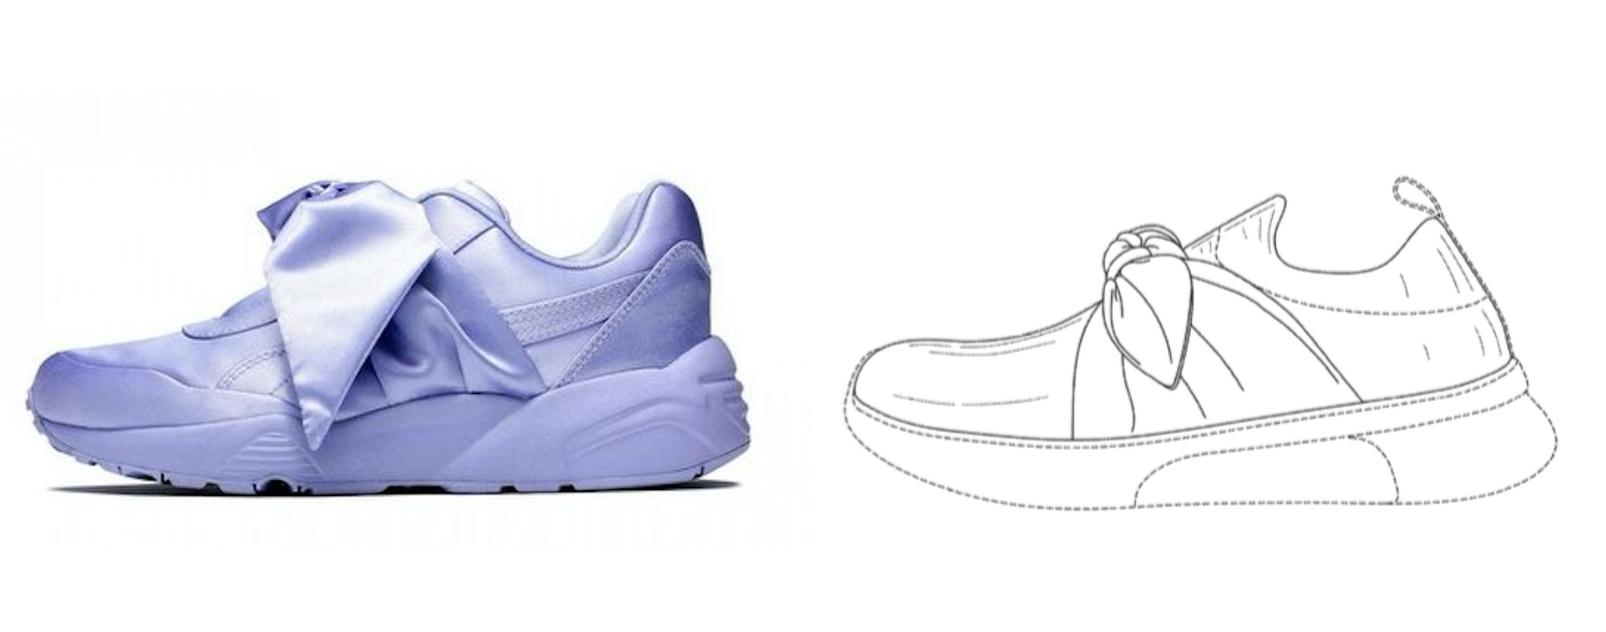 Fenty x Puma's Bow sneaker (left) & Skechers Bow sneaker drawing (right)